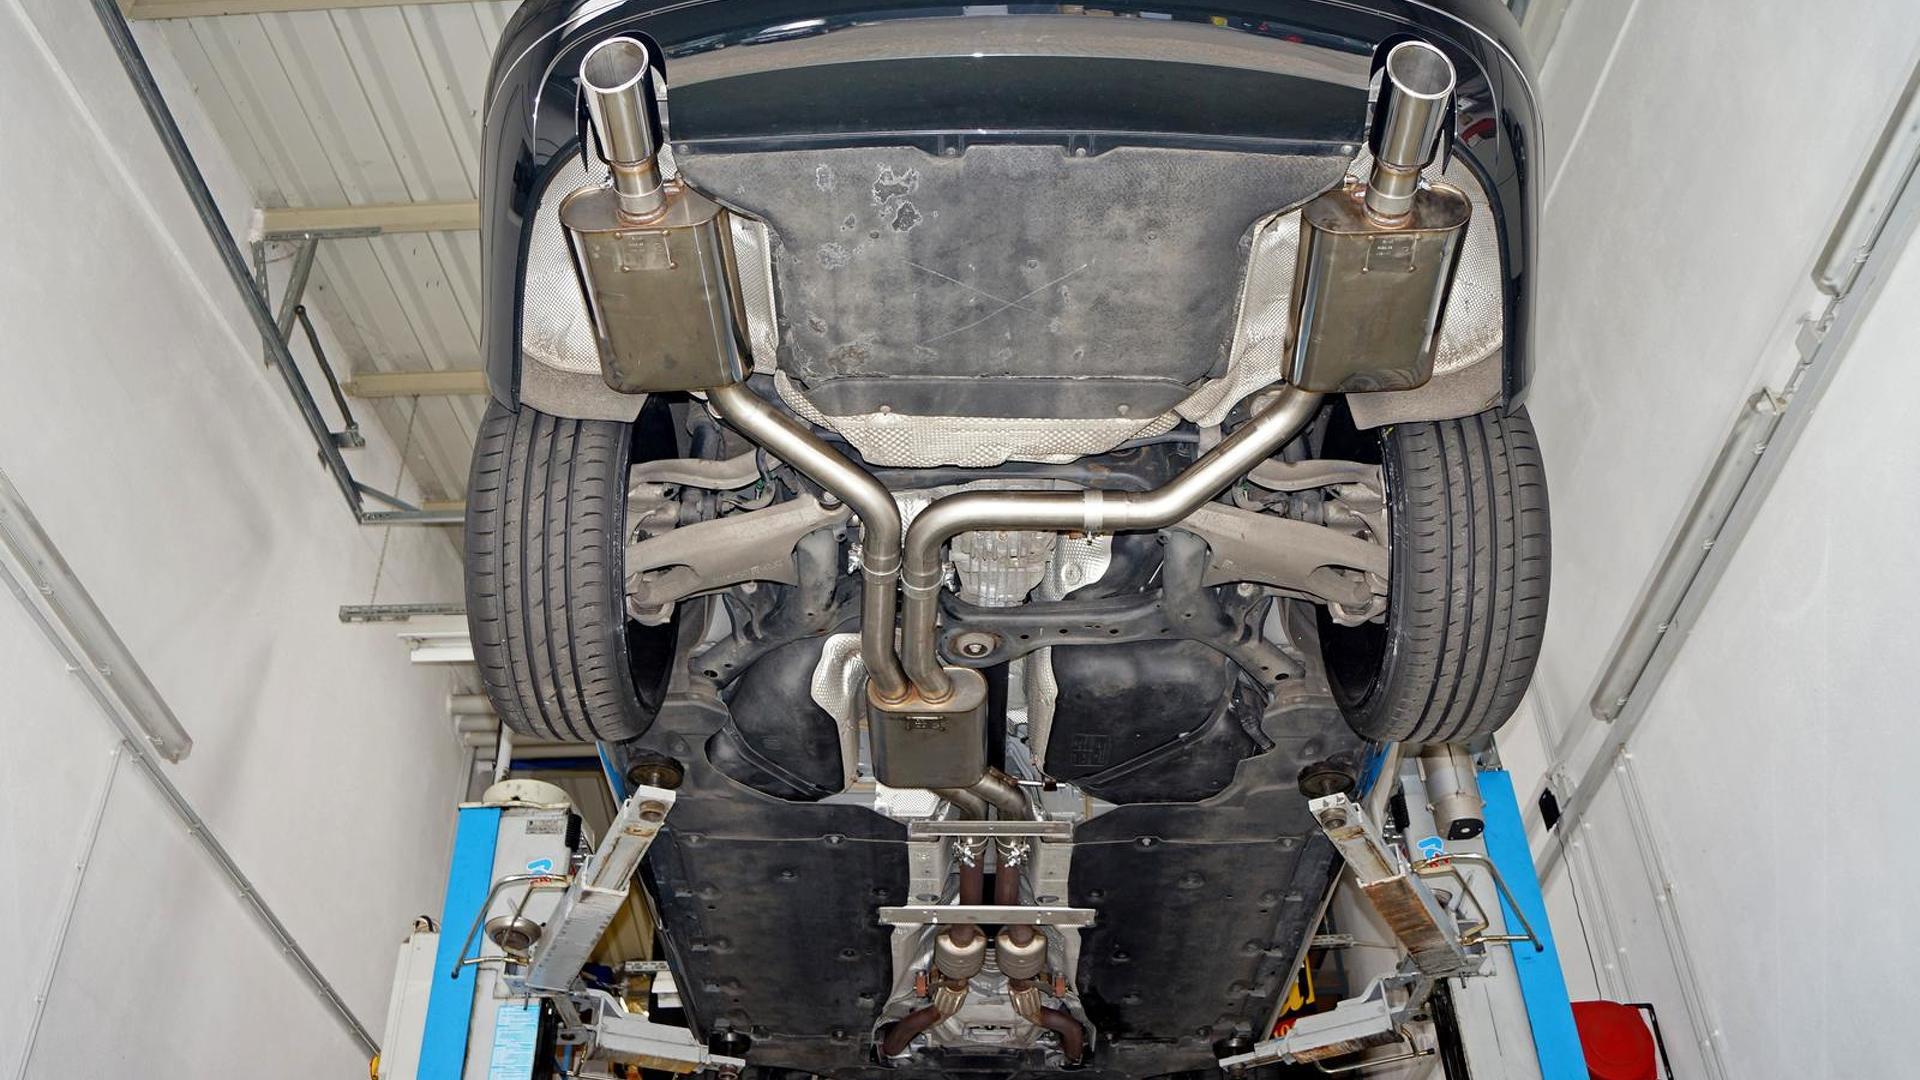 Днище Audi A8 4.2 V8